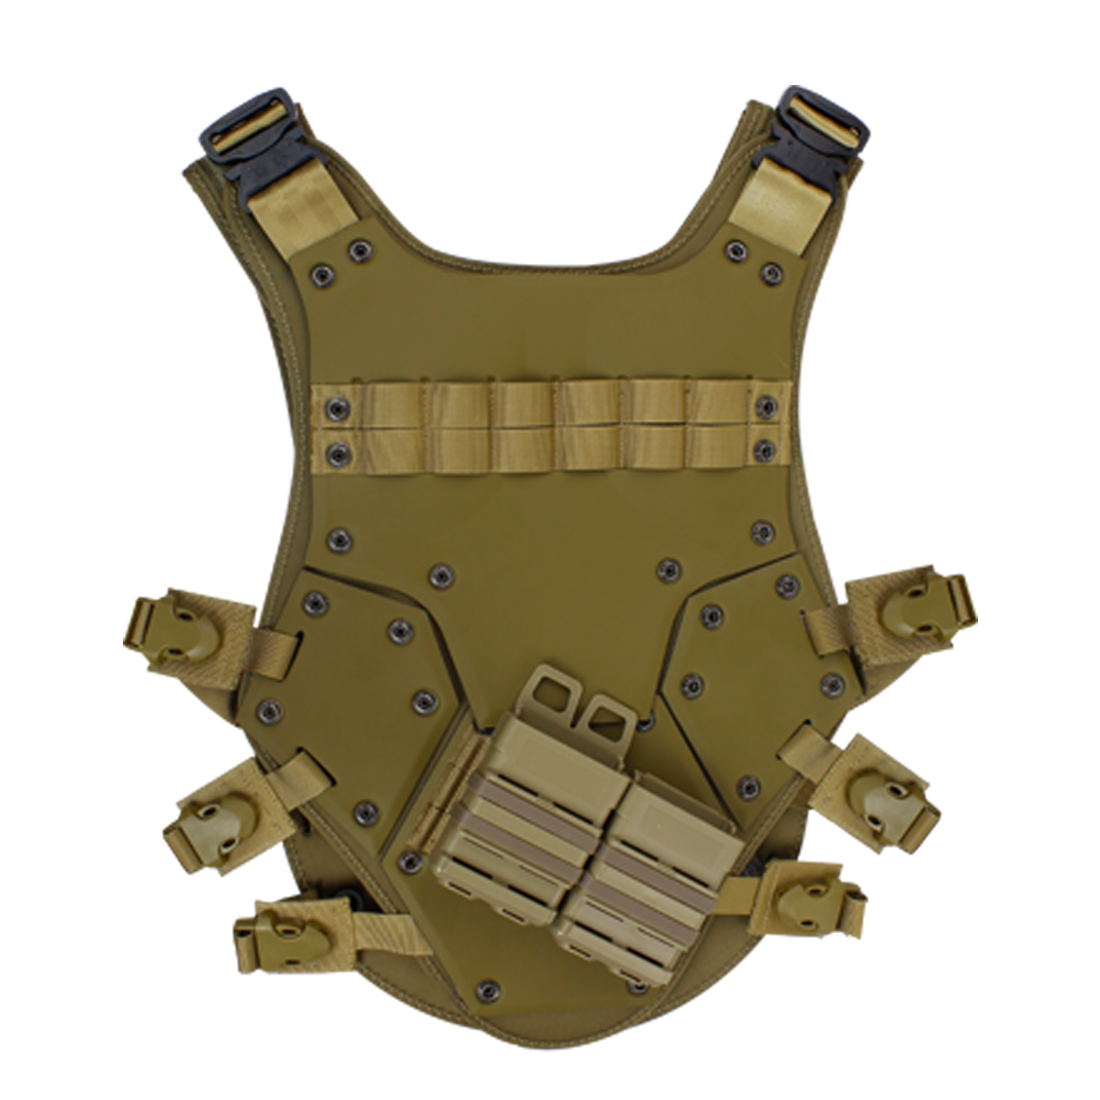 NFSTRIKE nouveau nid Force TF3 Kong Kim Tactica pièces pour Airsoft pour Nerf jeu Cosplay plein air chasse activités livraison directe